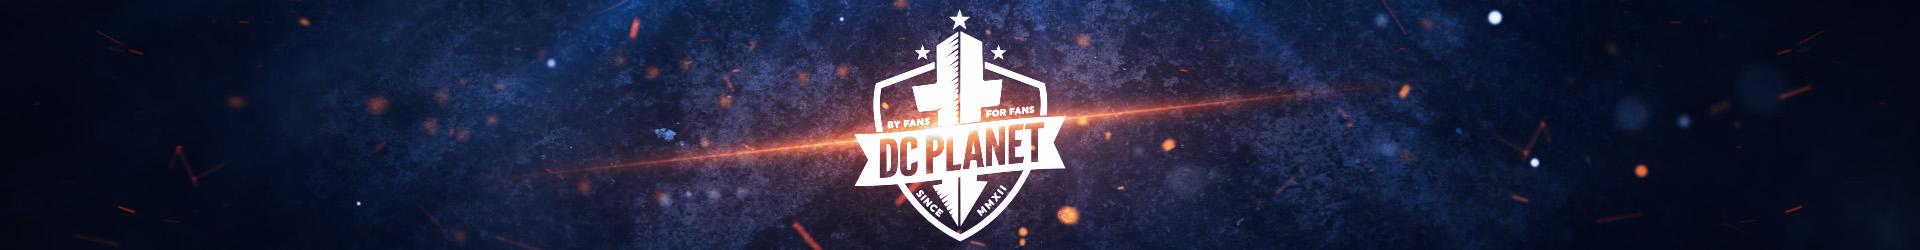 dcplanet logo